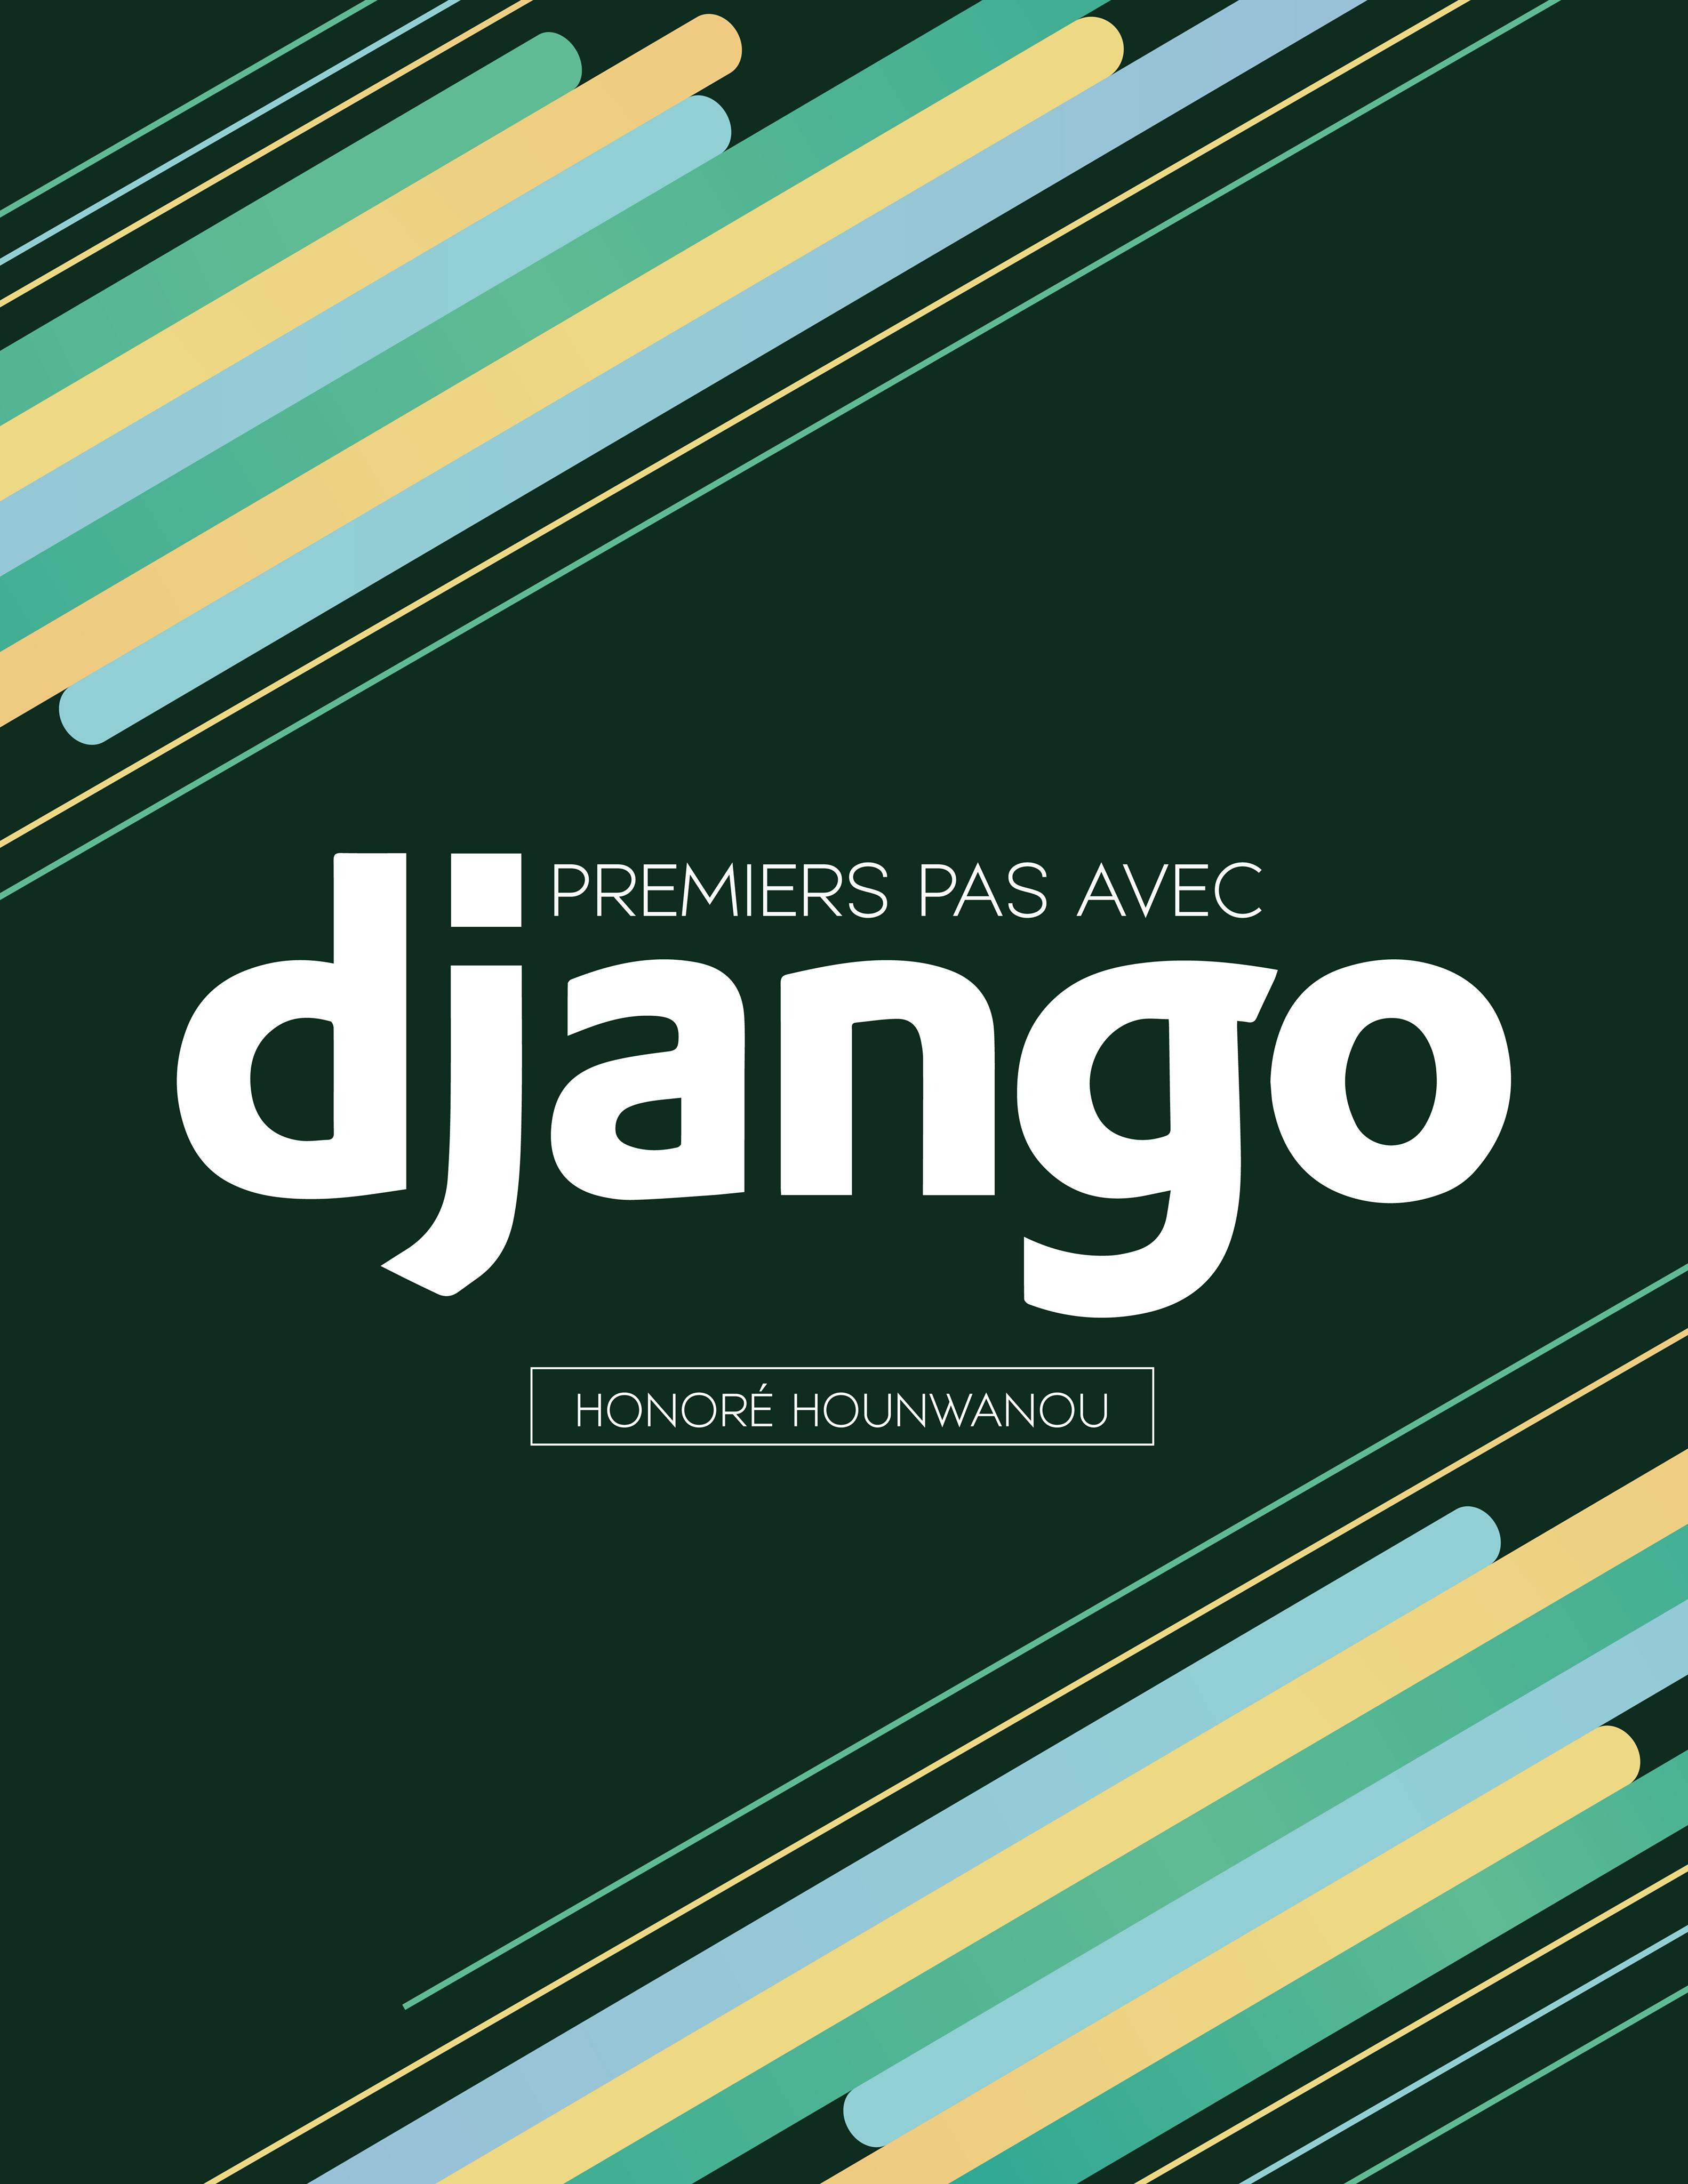 Premiers pas avec Django